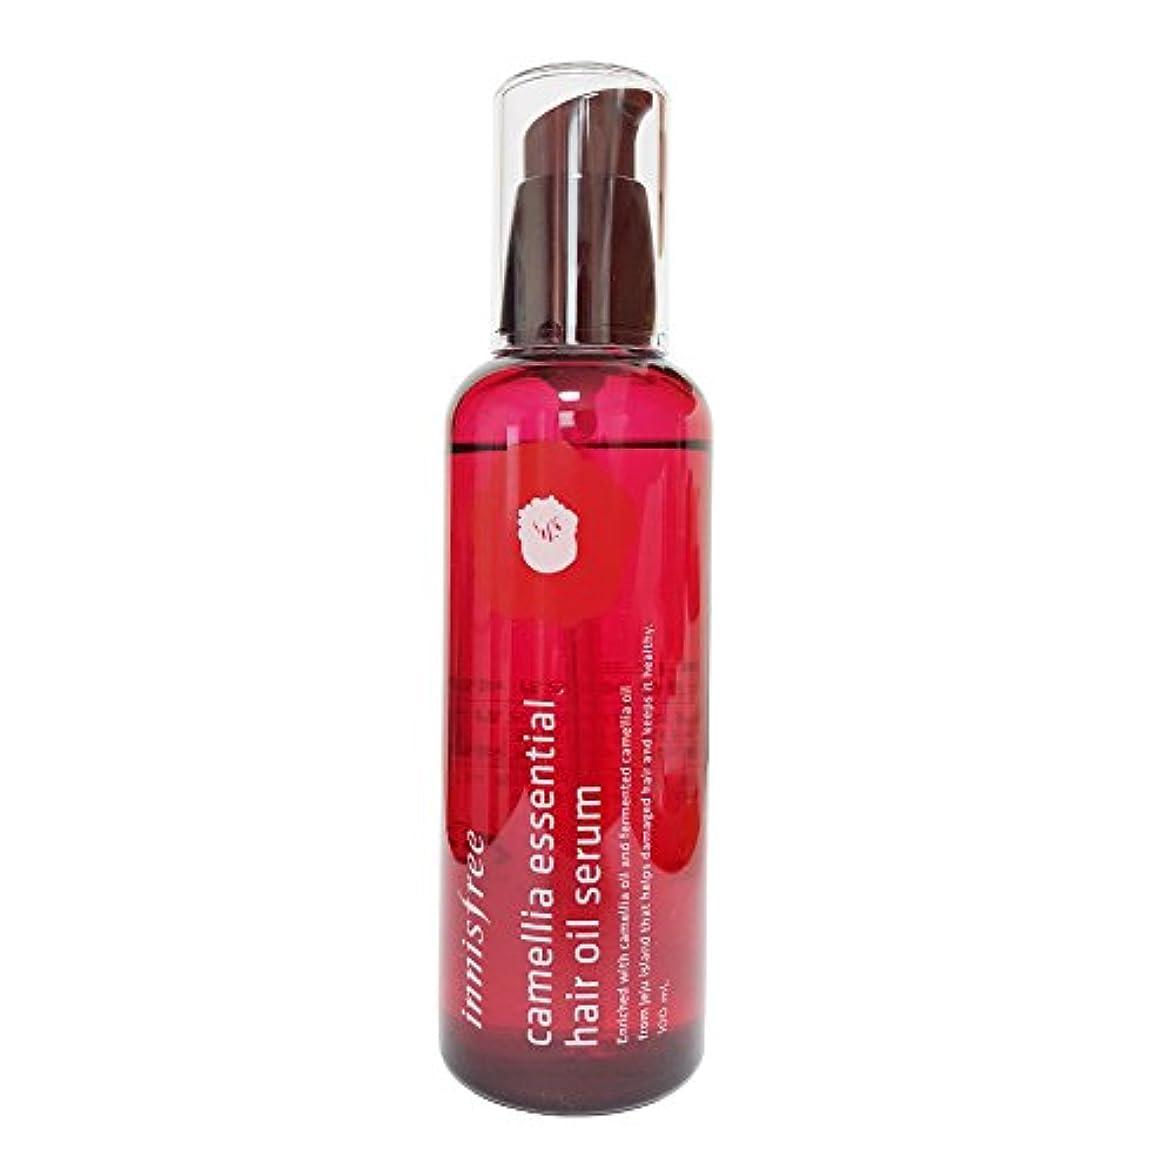 モスラウンジナット[イニスフリー] Innisfree カメリアエッセンシャル?ヘア?オイルセラム (100ml) Innisfree Camellia Essential Hair Oil Serum (100ml) [海外直送品]